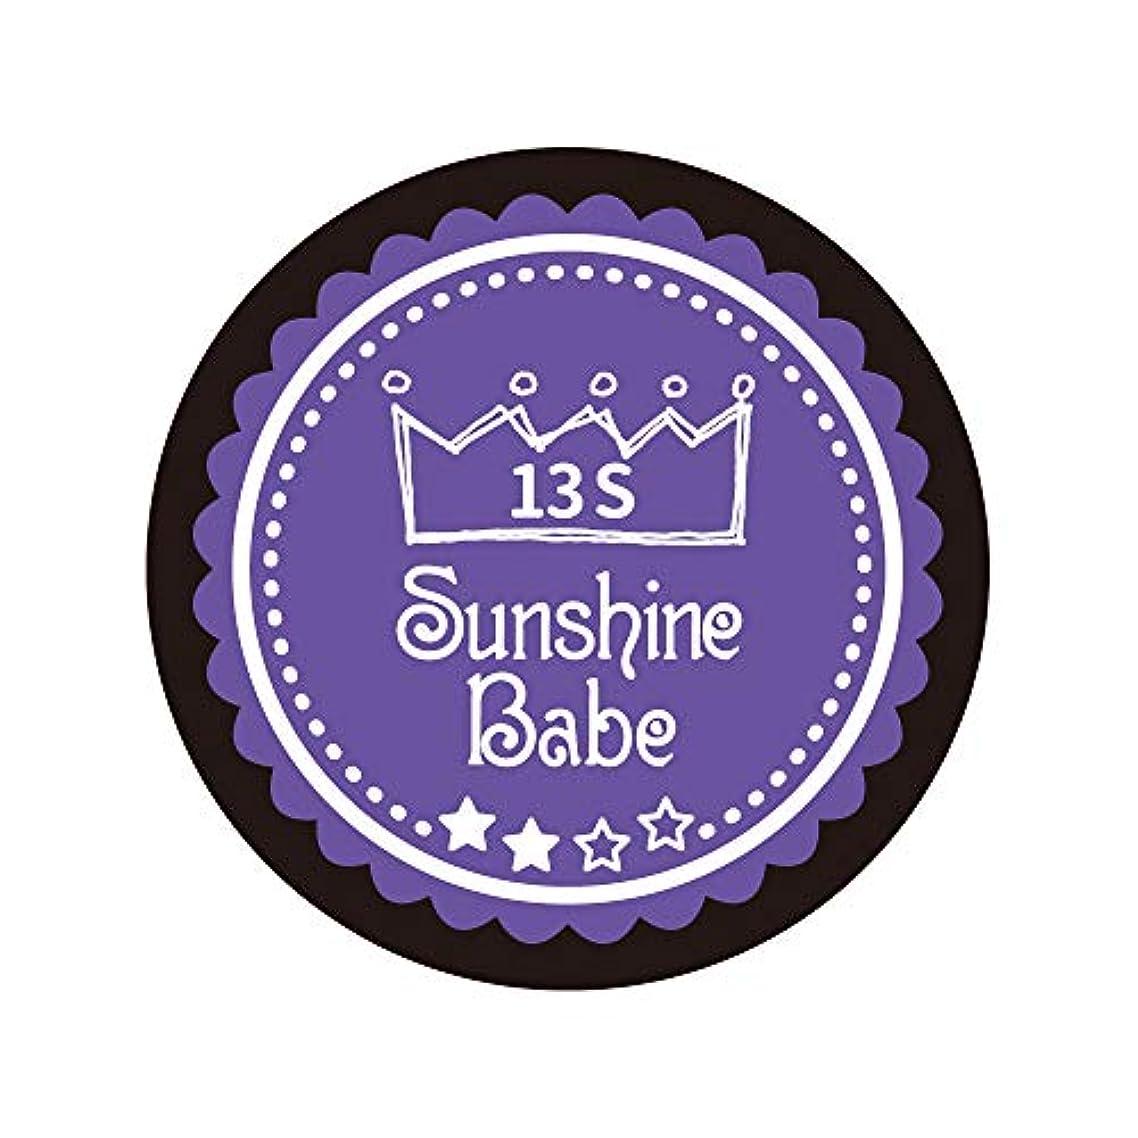 毒オゾン等価Sunshine Babe コスメティックカラー 13S ウルトラバイオレット 4g UV/LED対応